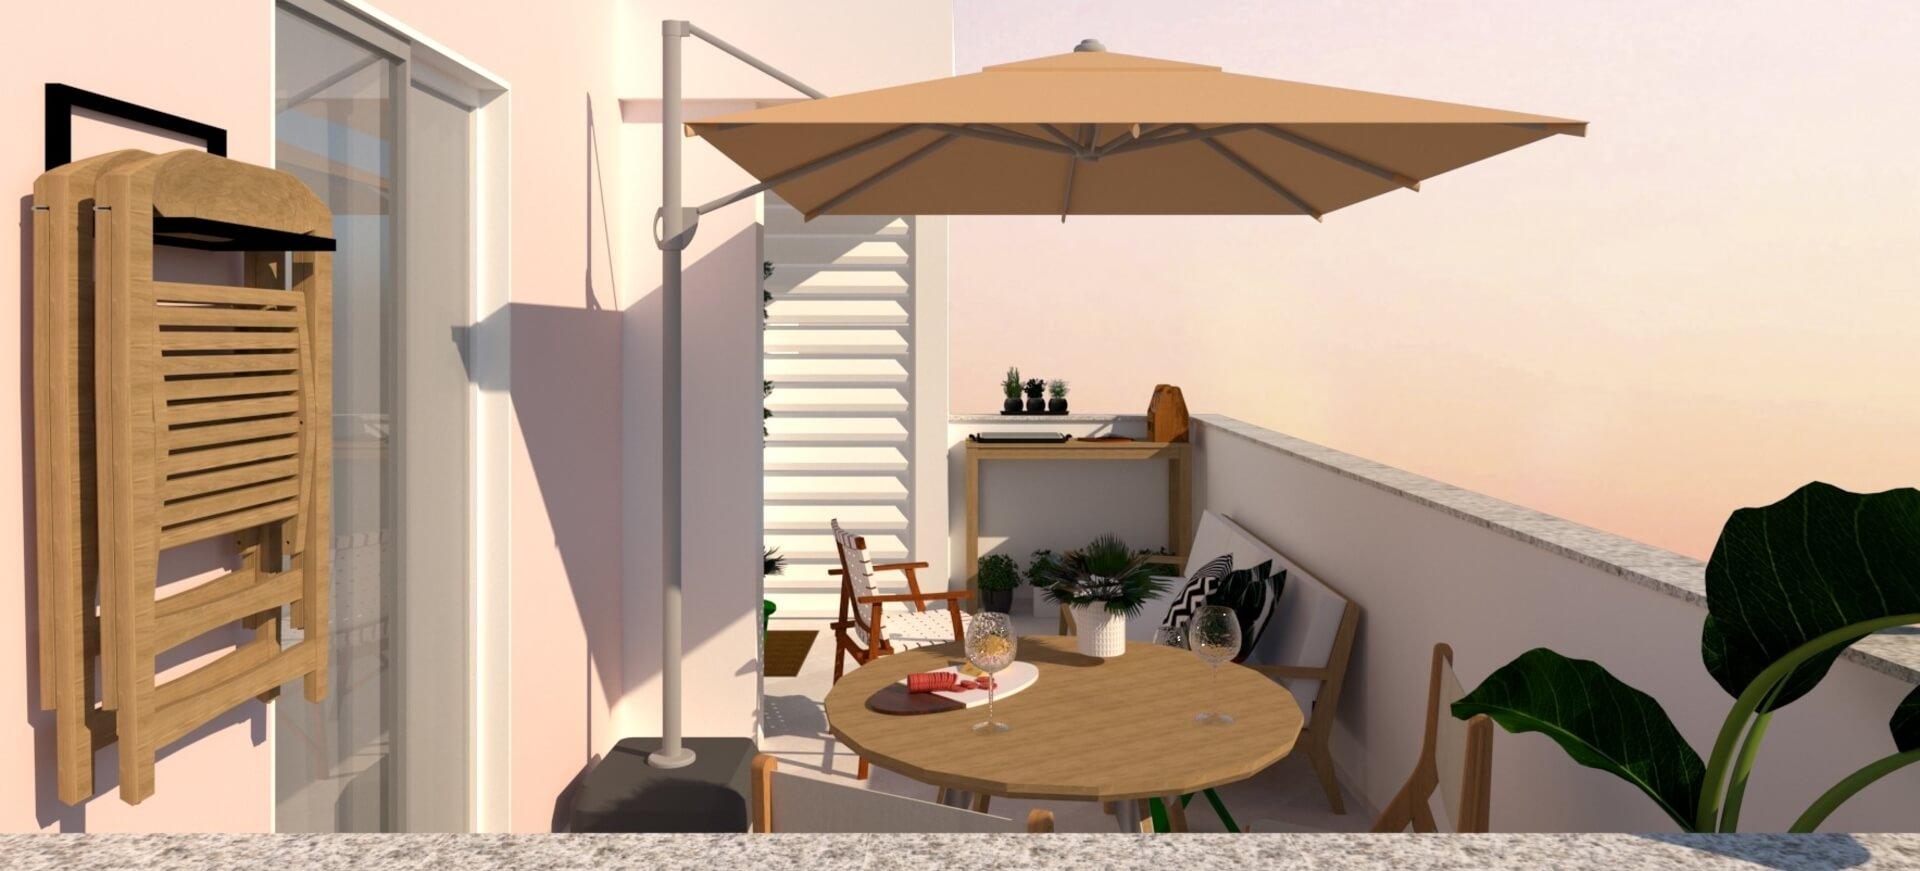 Imagem: Projeto de ocupação de terraço. Autoria: Arquiteca Projetos Afetivos.